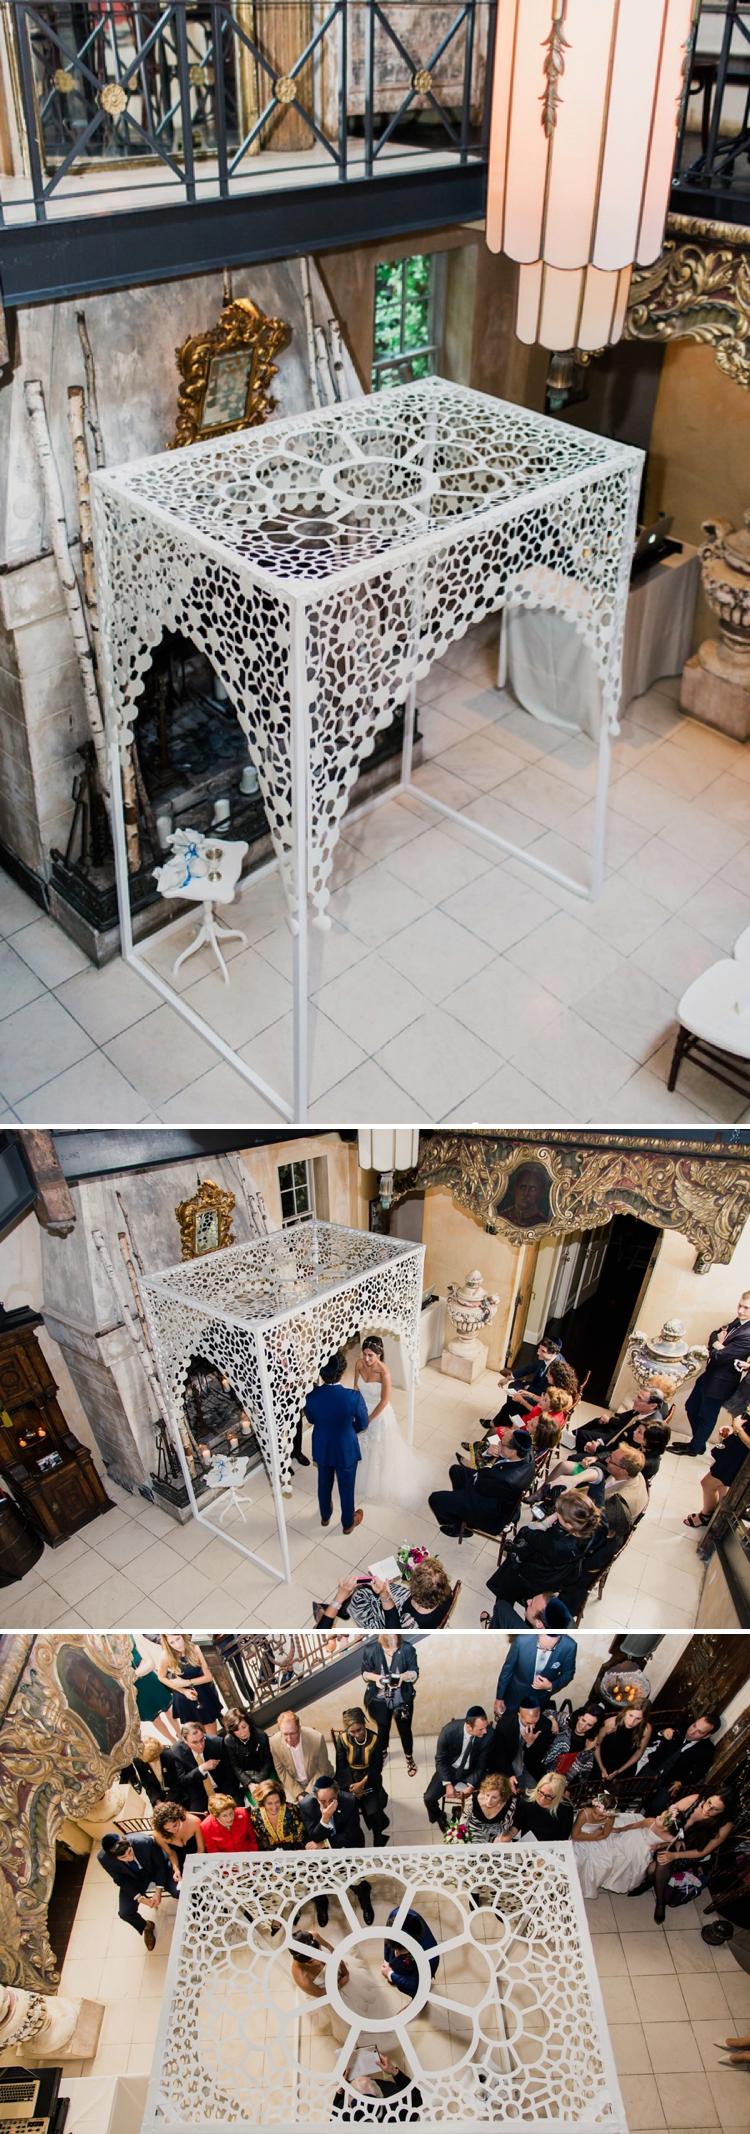 Jewish wedding at 632 on Hudson West Village New York